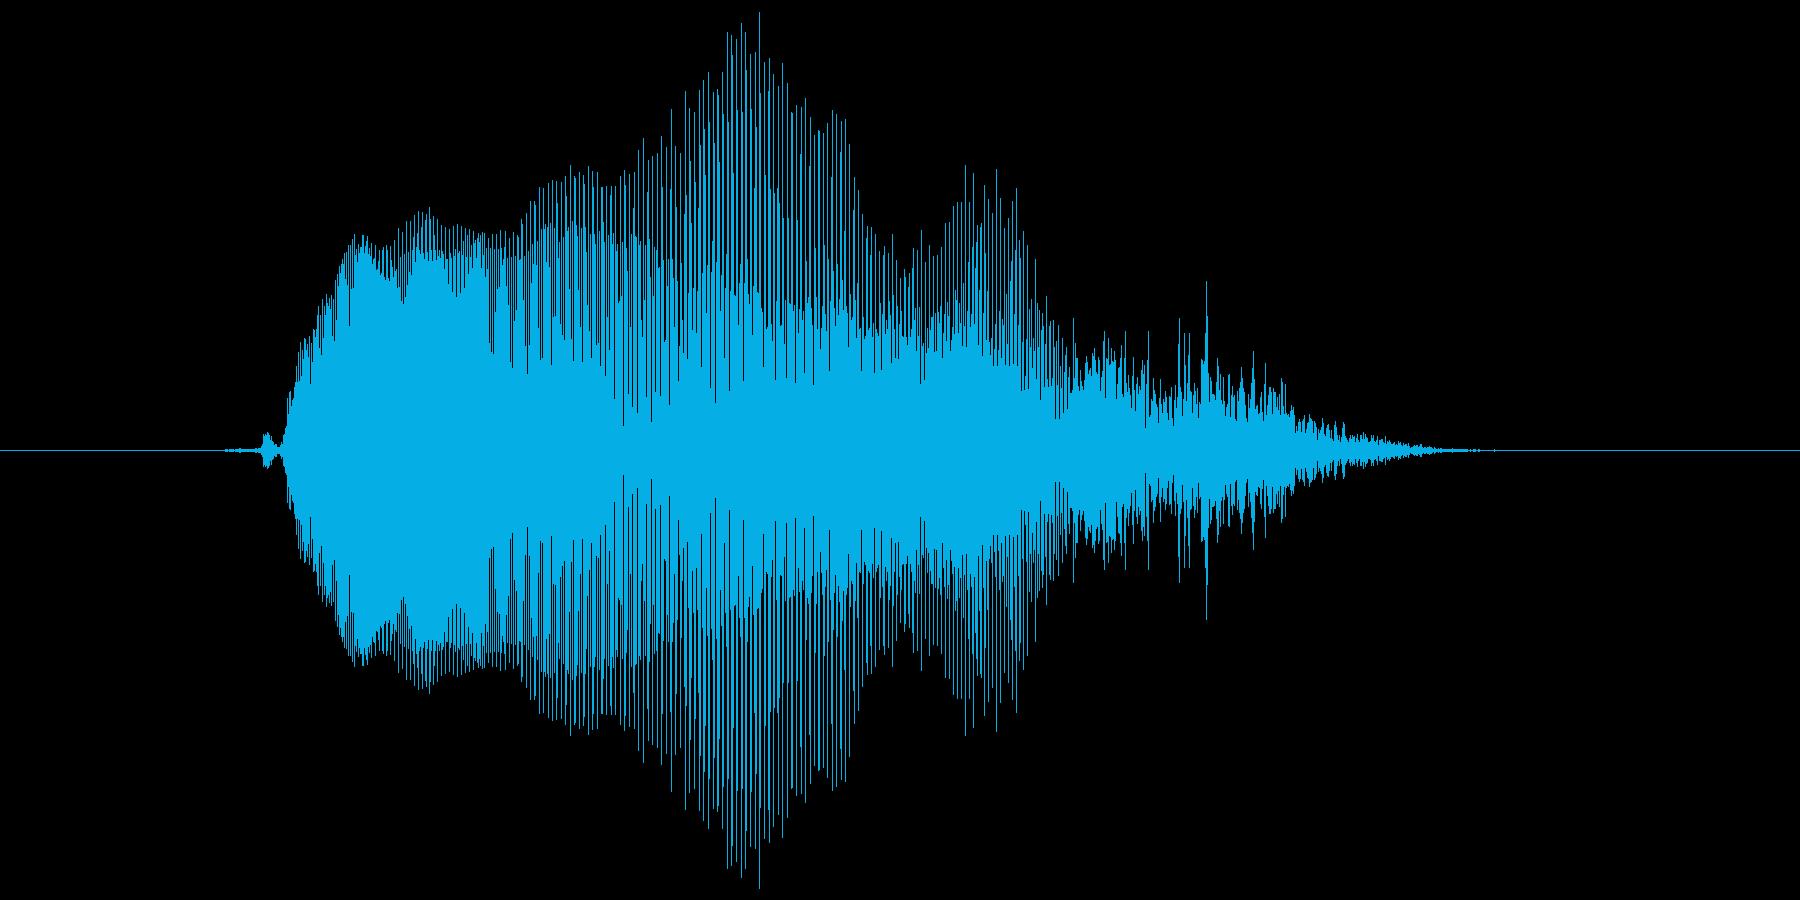 「うぅわっ!」の再生済みの波形